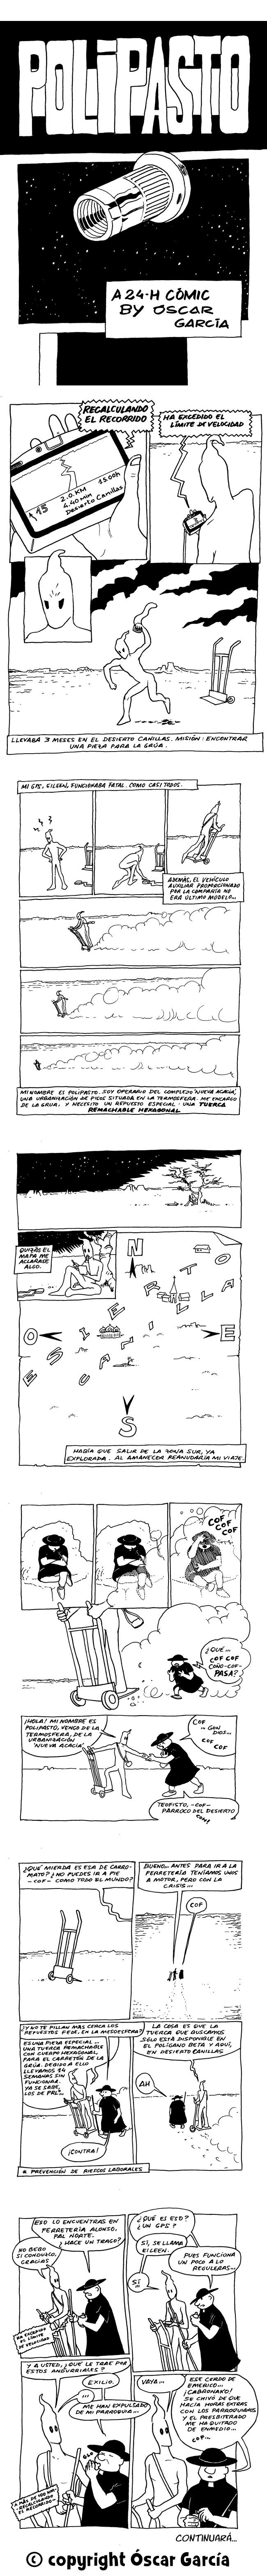 desafio-comic-24-horas-cursos-clases-dibujo-comic-aprender-madrid-academiac10